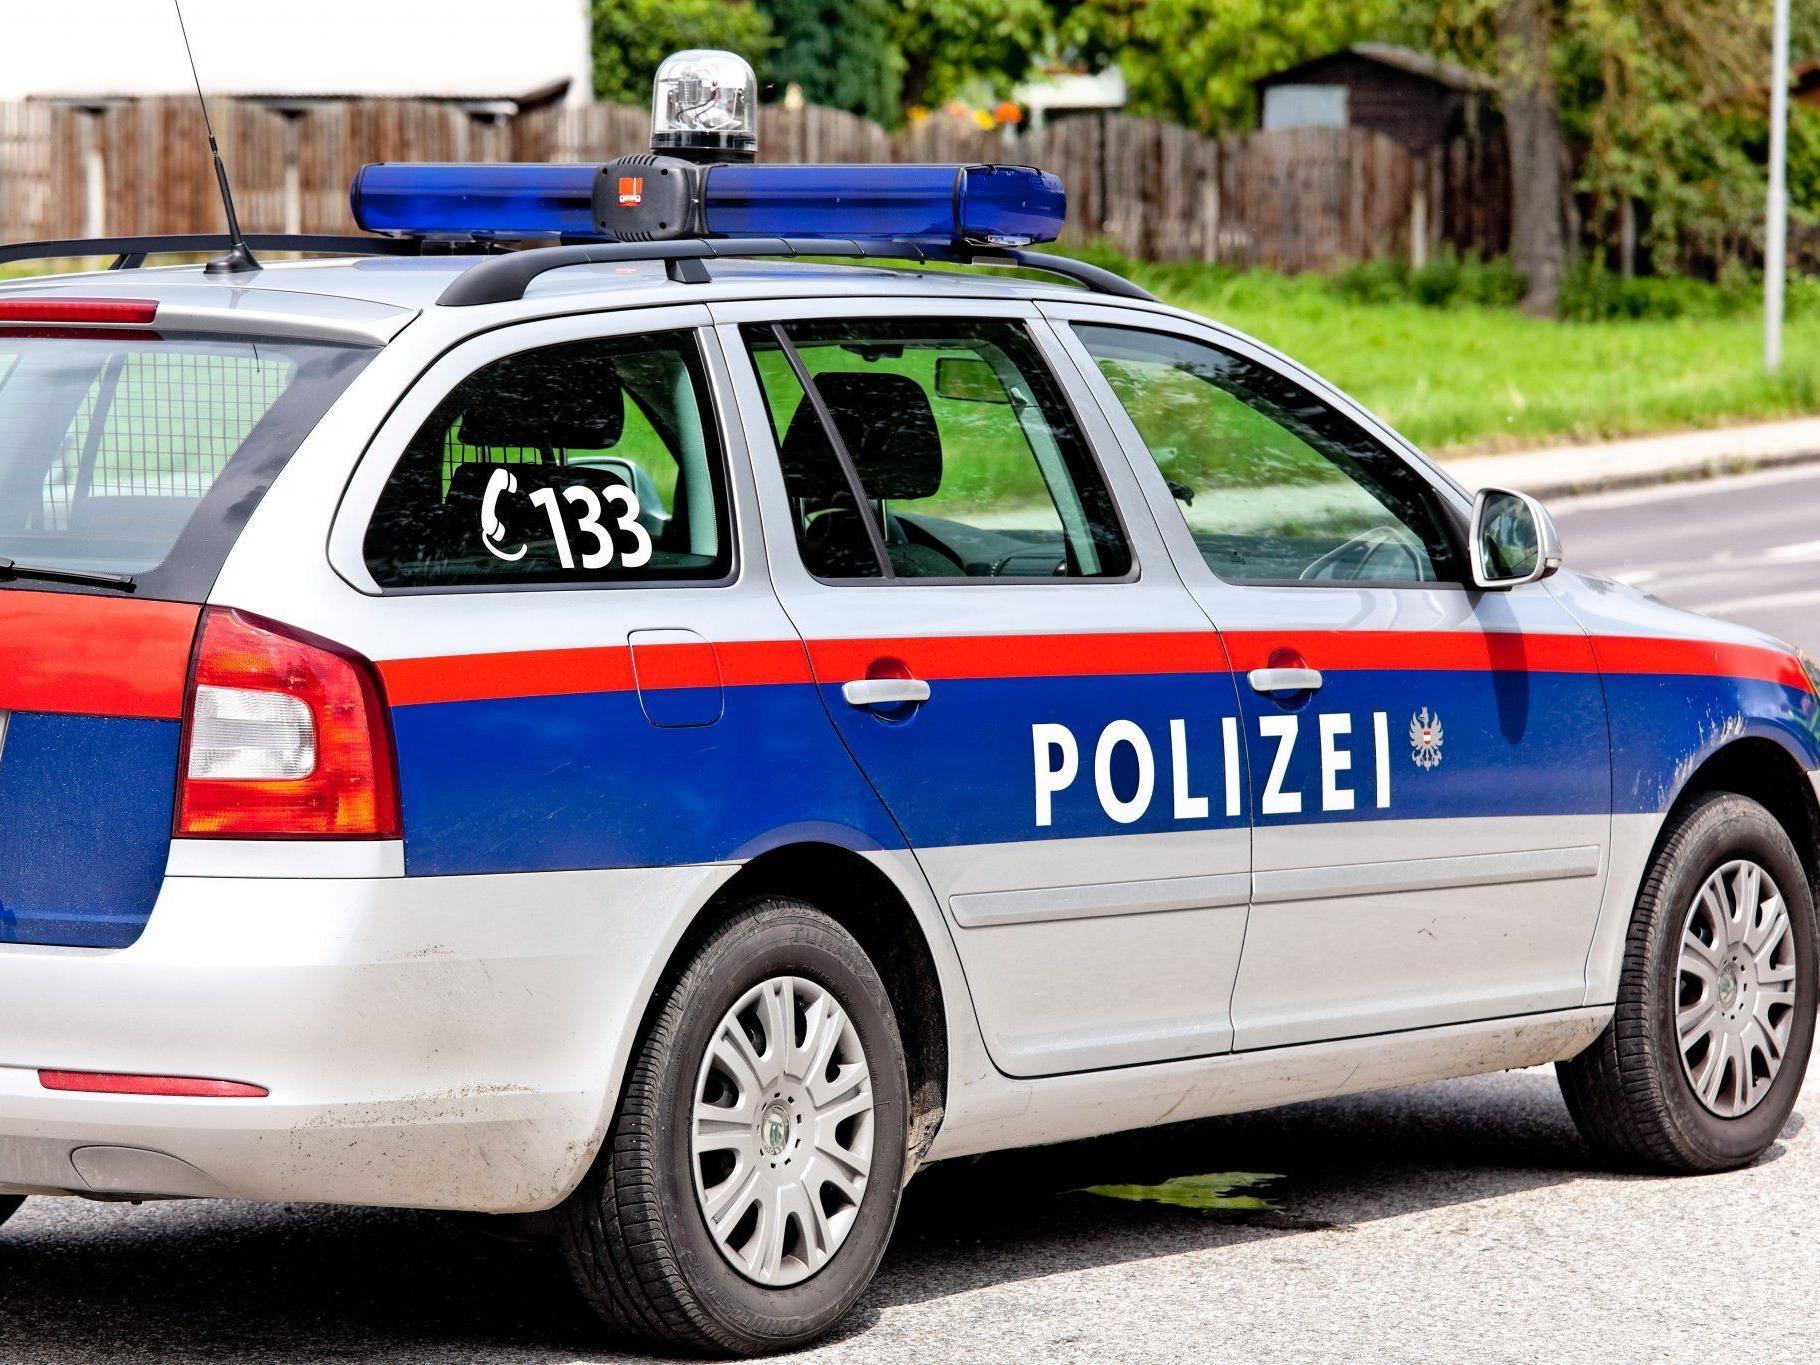 Die Polizei konnte den flüchtigen Unfalllenker ausforschen.